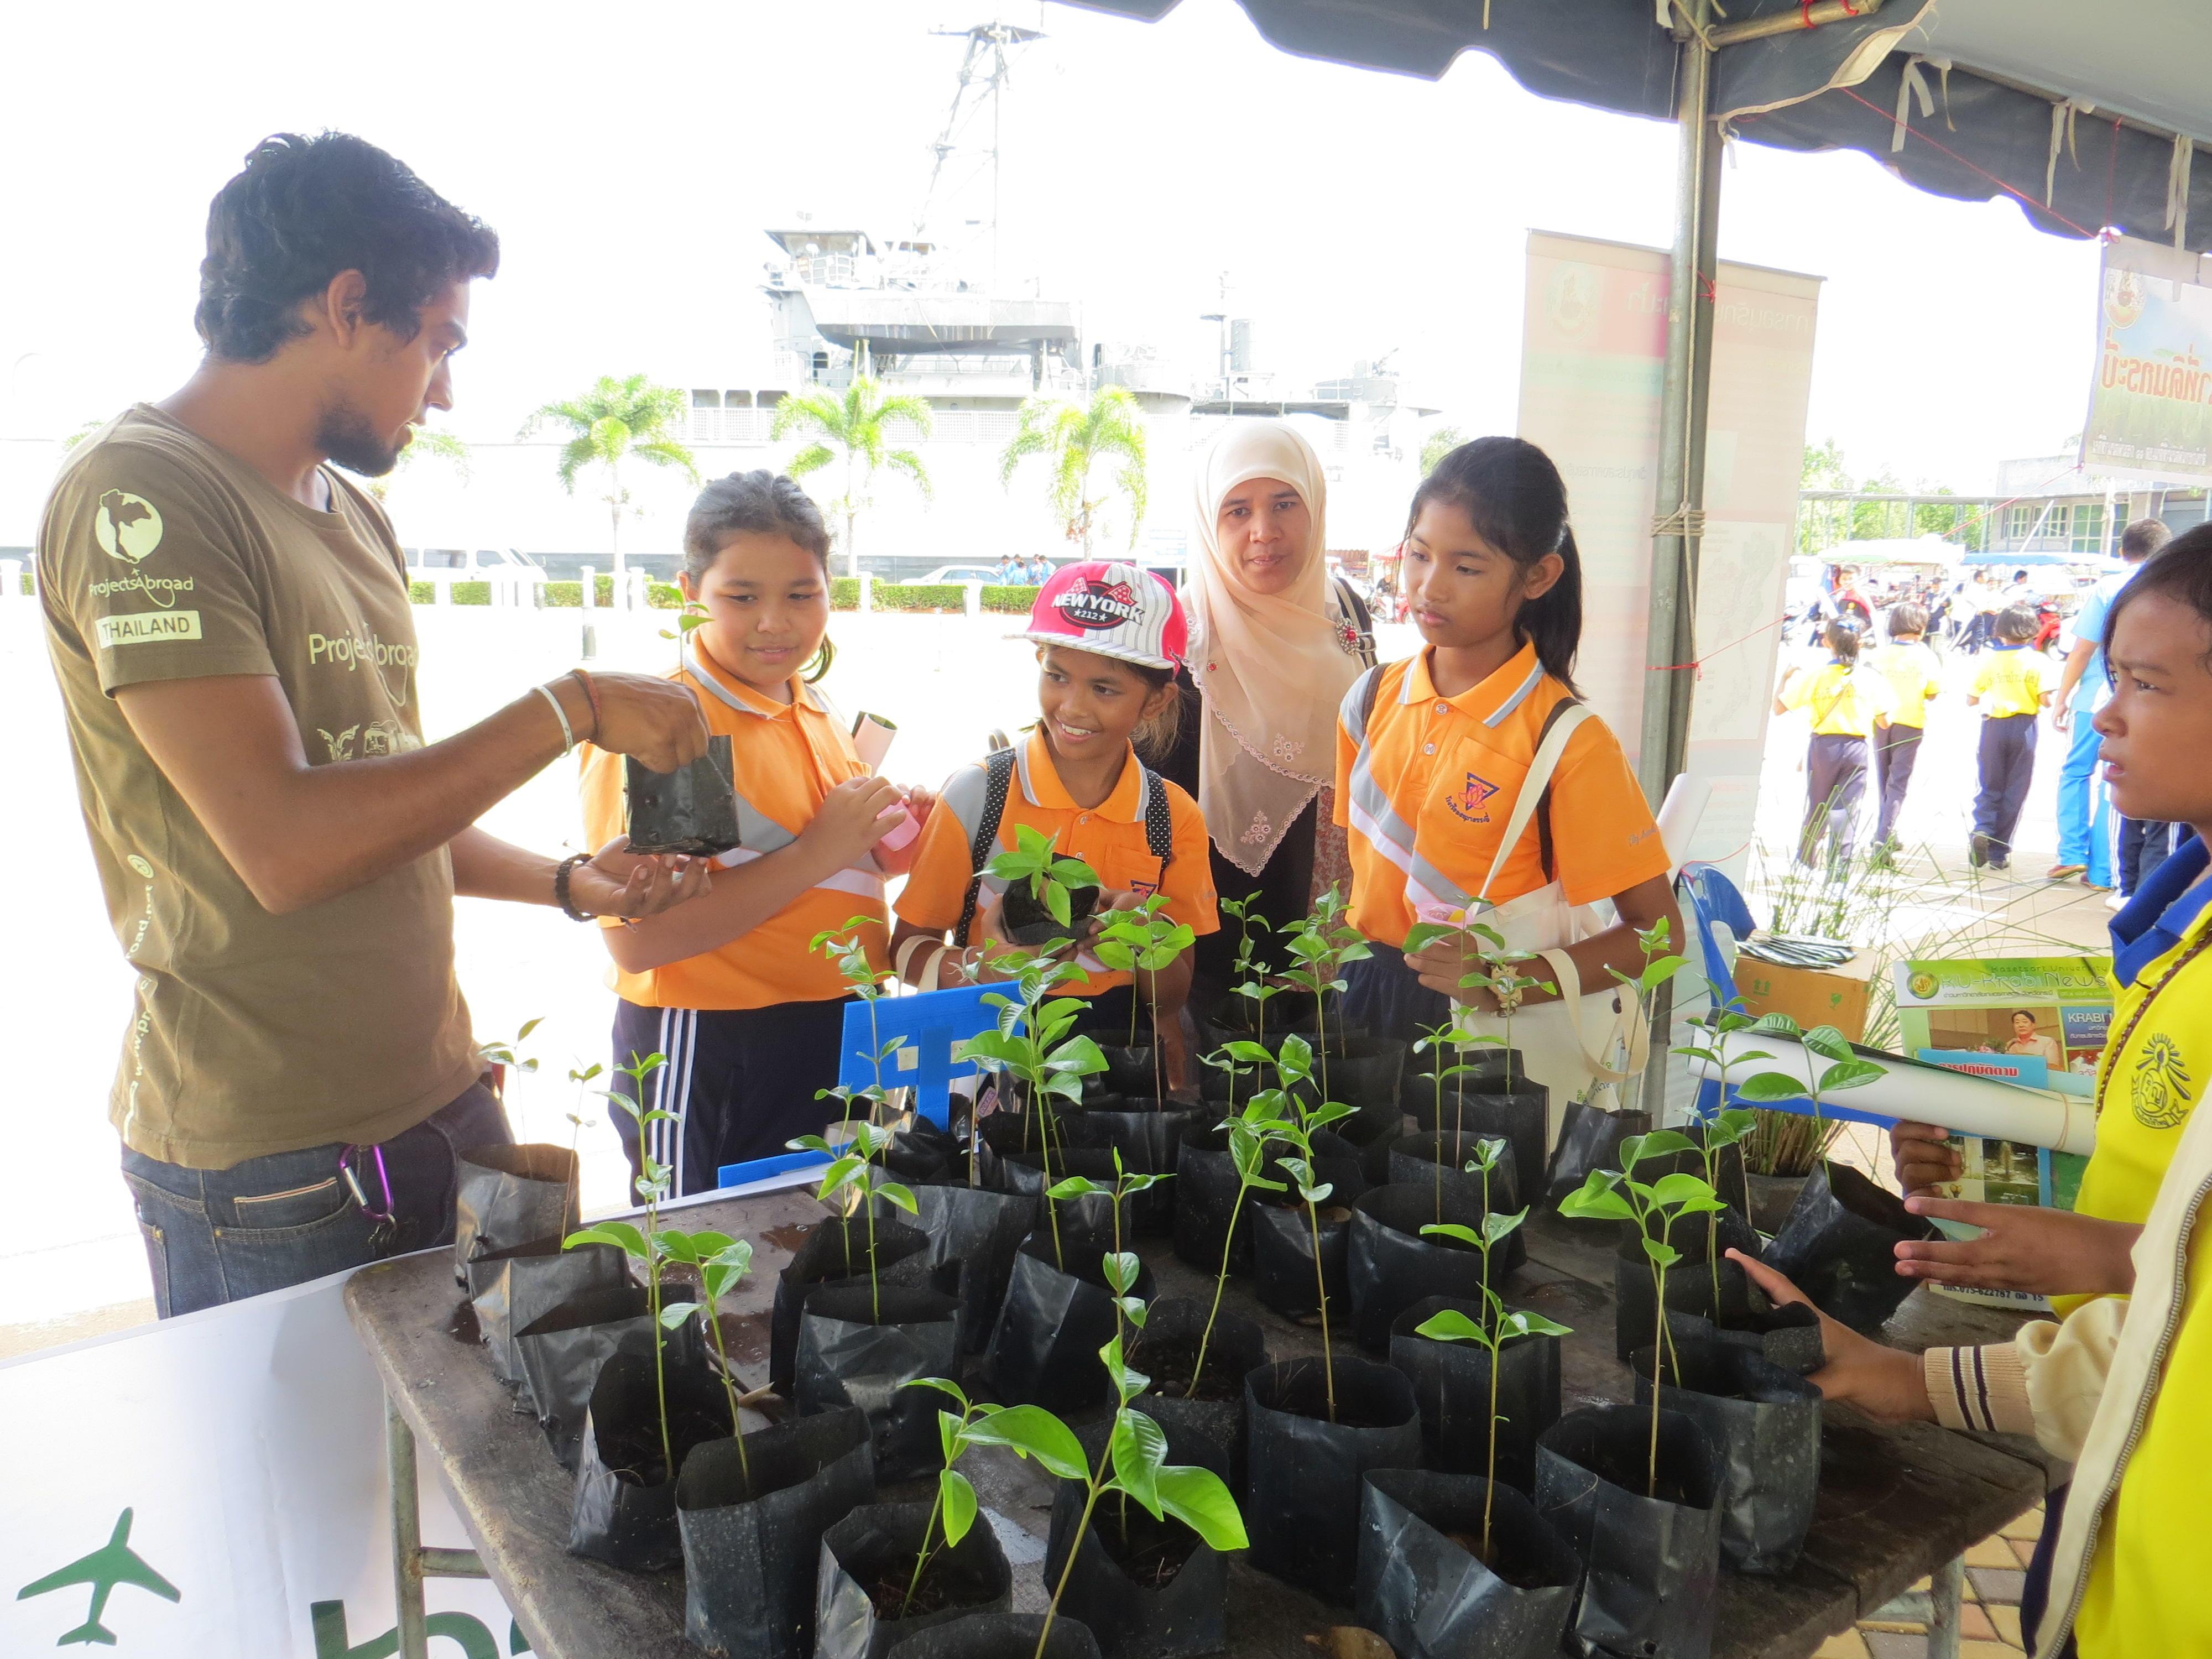 Vrijwilligers op het natuurbehoud project in Thailand onderwijzen kinderen over het belang van mangroven.